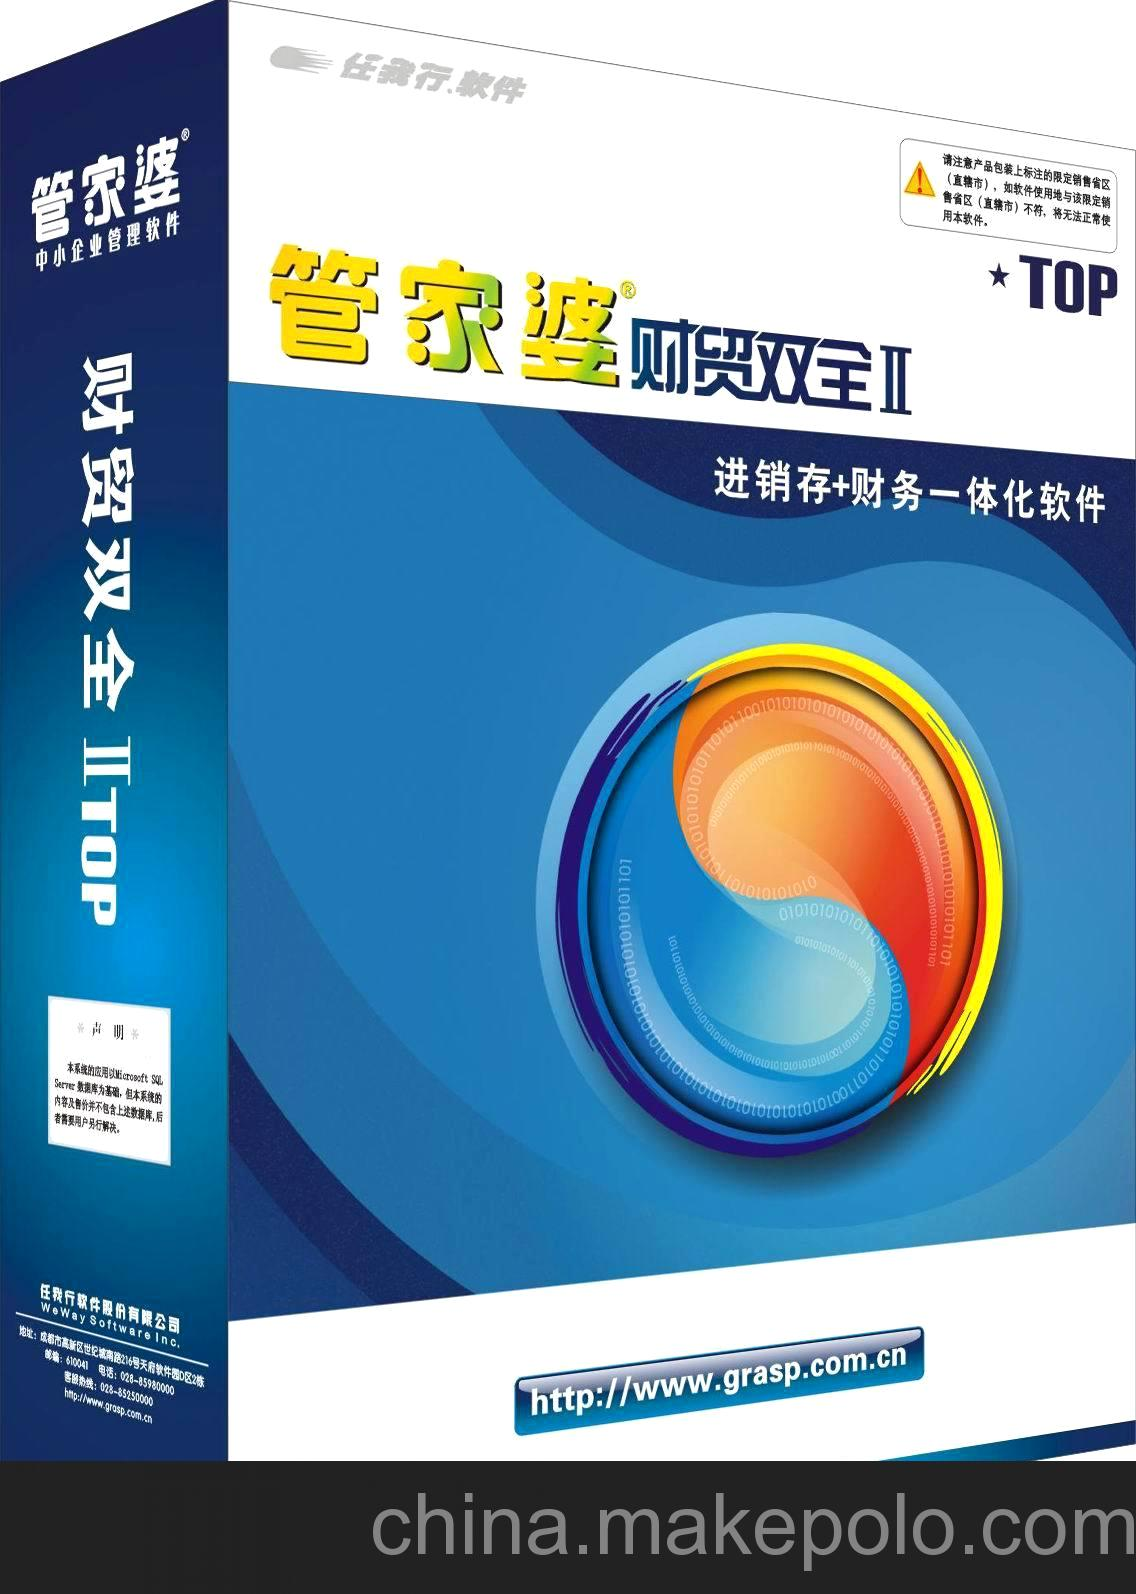 葫芦岛管家婆软件对比 诚挚推荐专业的葫芦岛管家婆软件